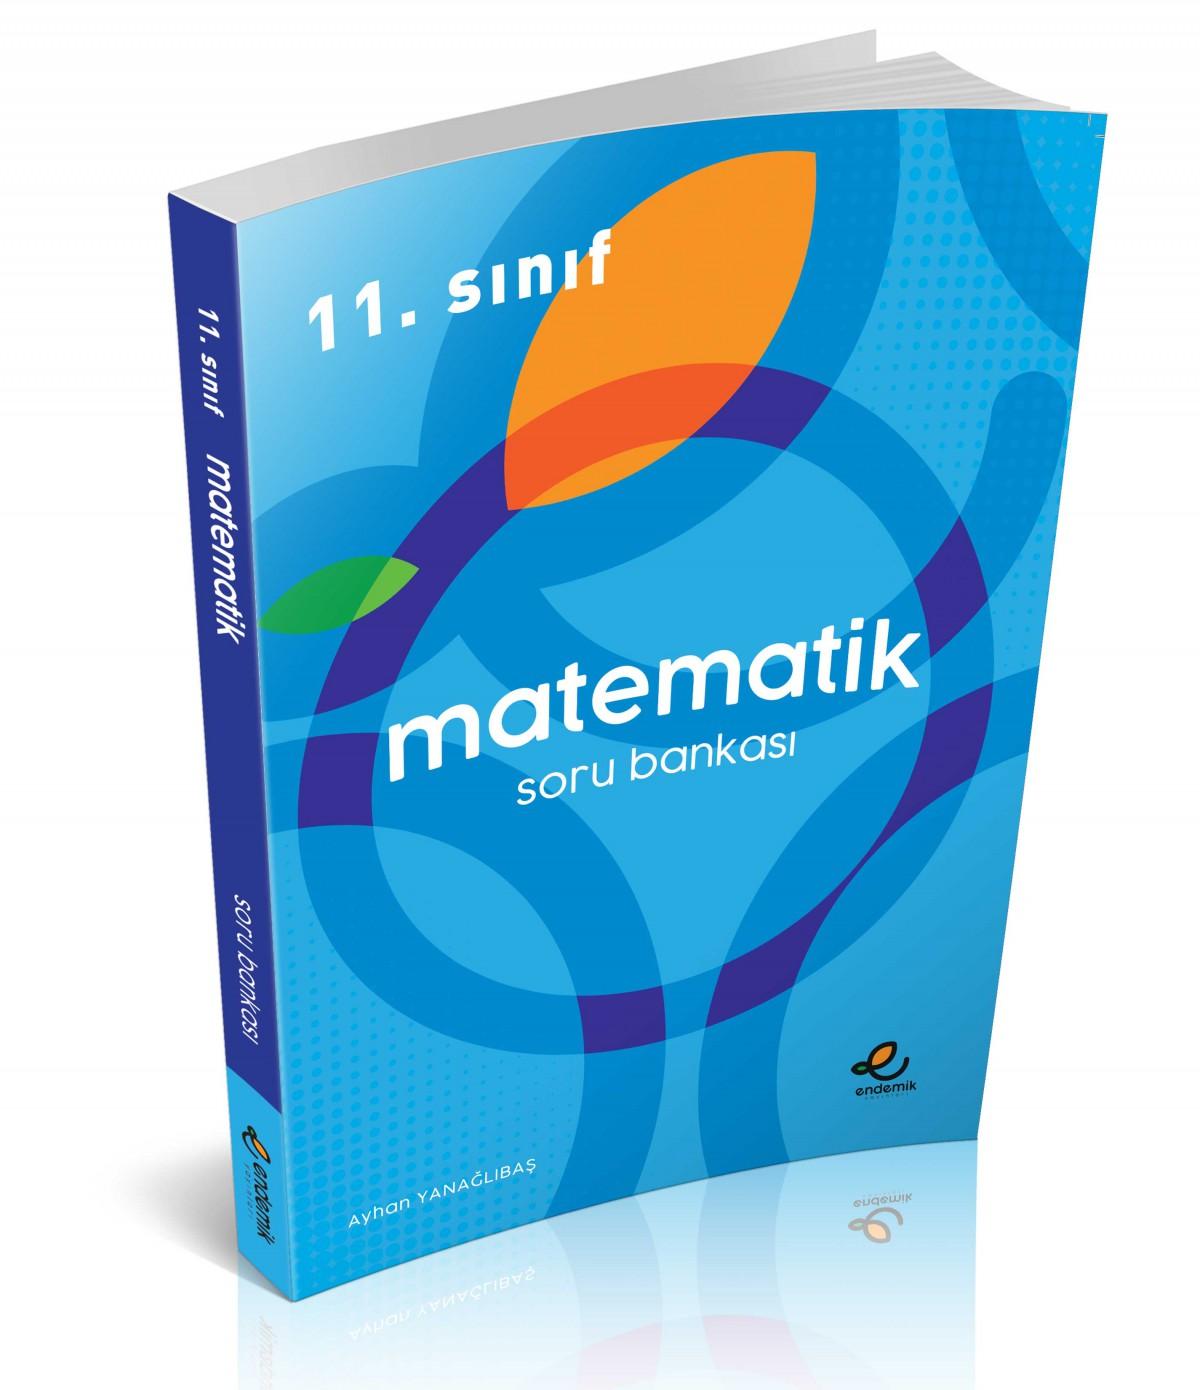 11.Sınıf Matematik Soru Bankası - Endemik